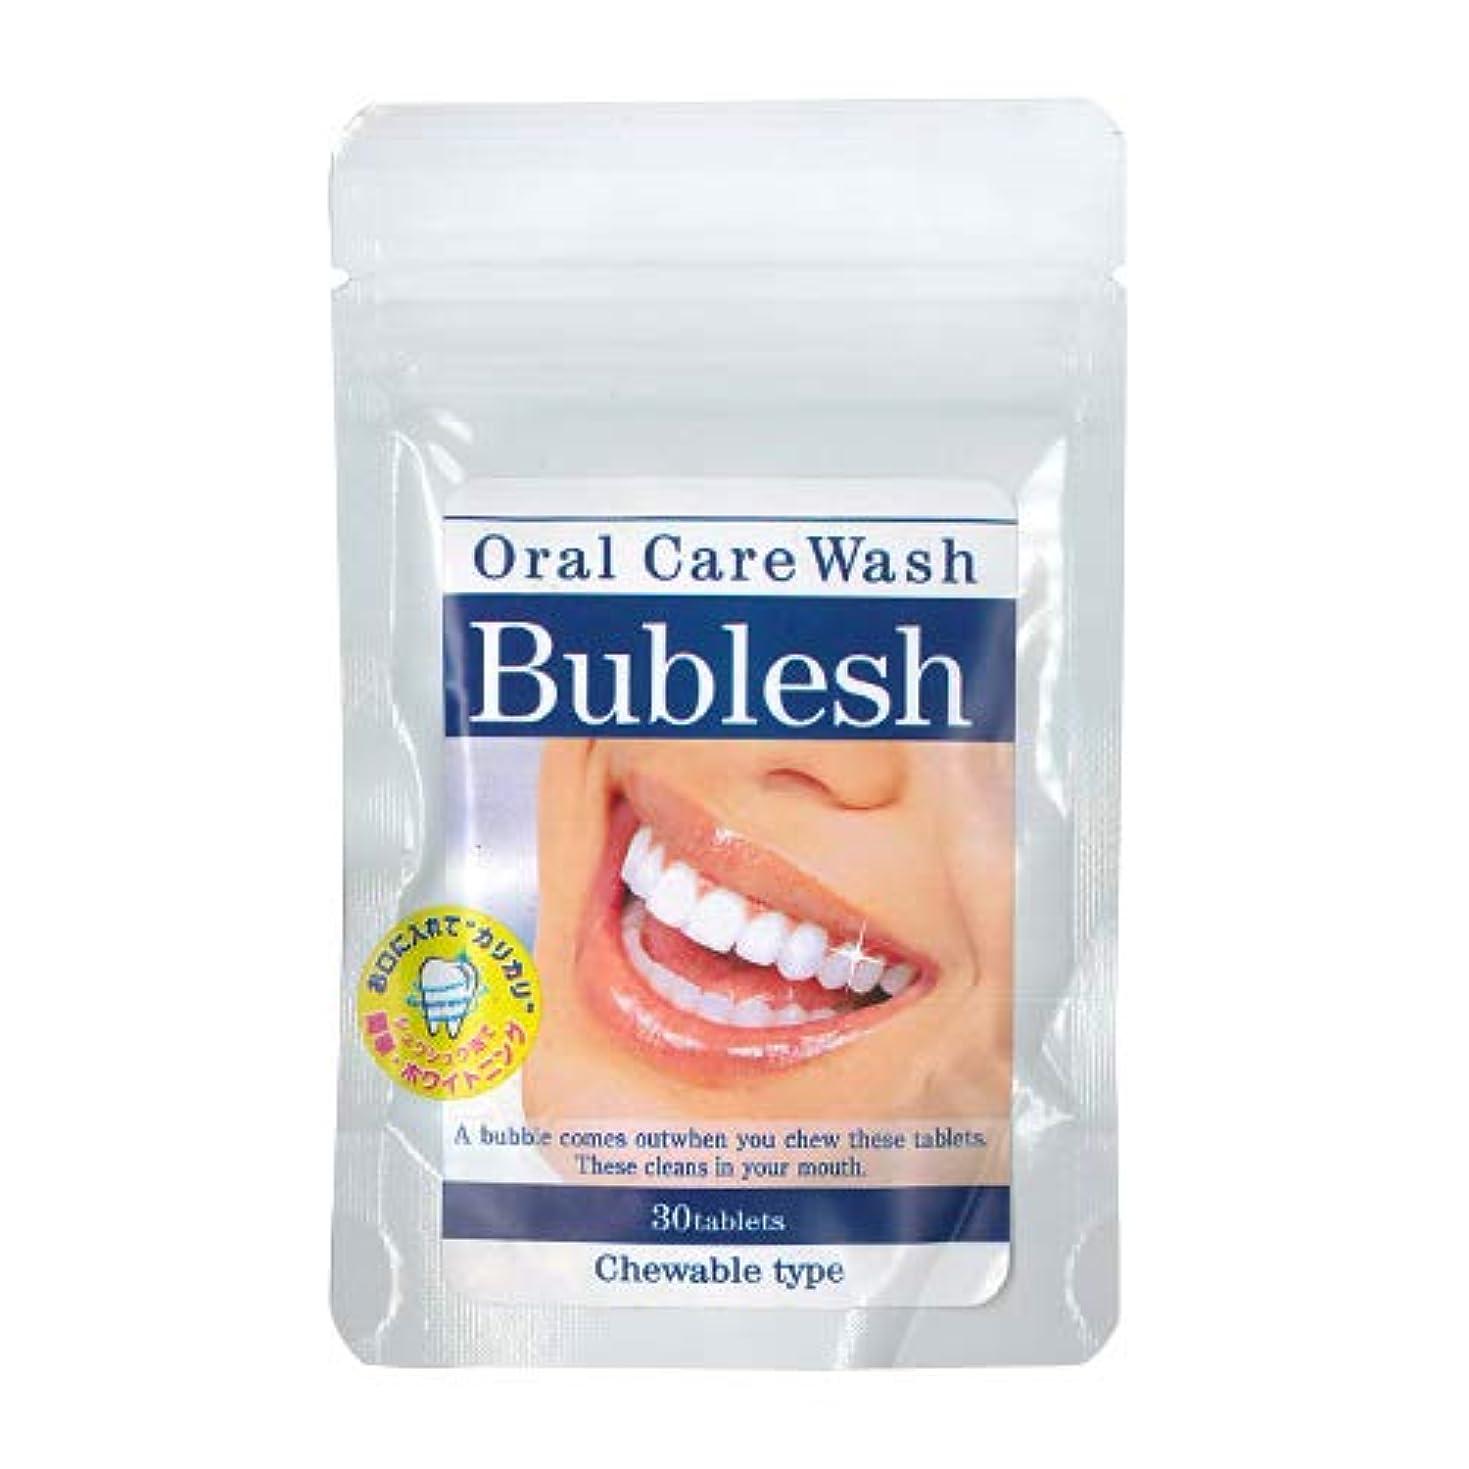 待って使い込む挑むオーラルケアウォッシュ バブレッシュ (Oral Care Wash Bublesh) 30粒